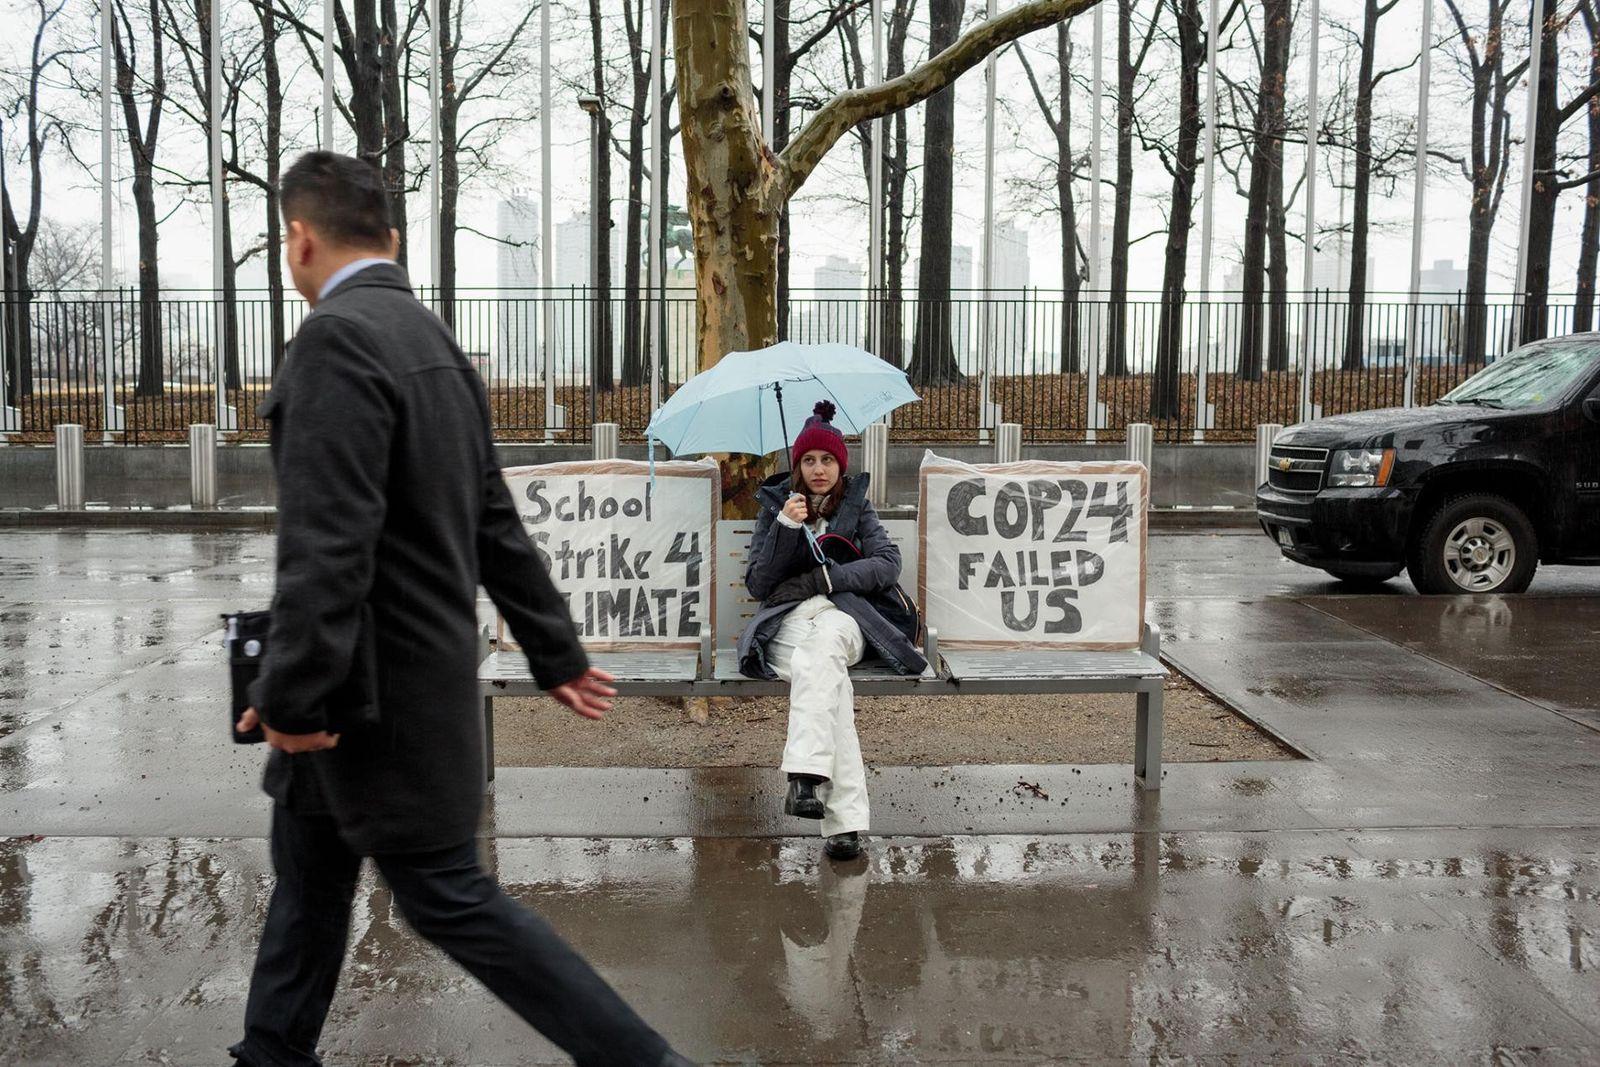 Jovens ativistas fazem greve para salvar o planeta das mudanças climáticas